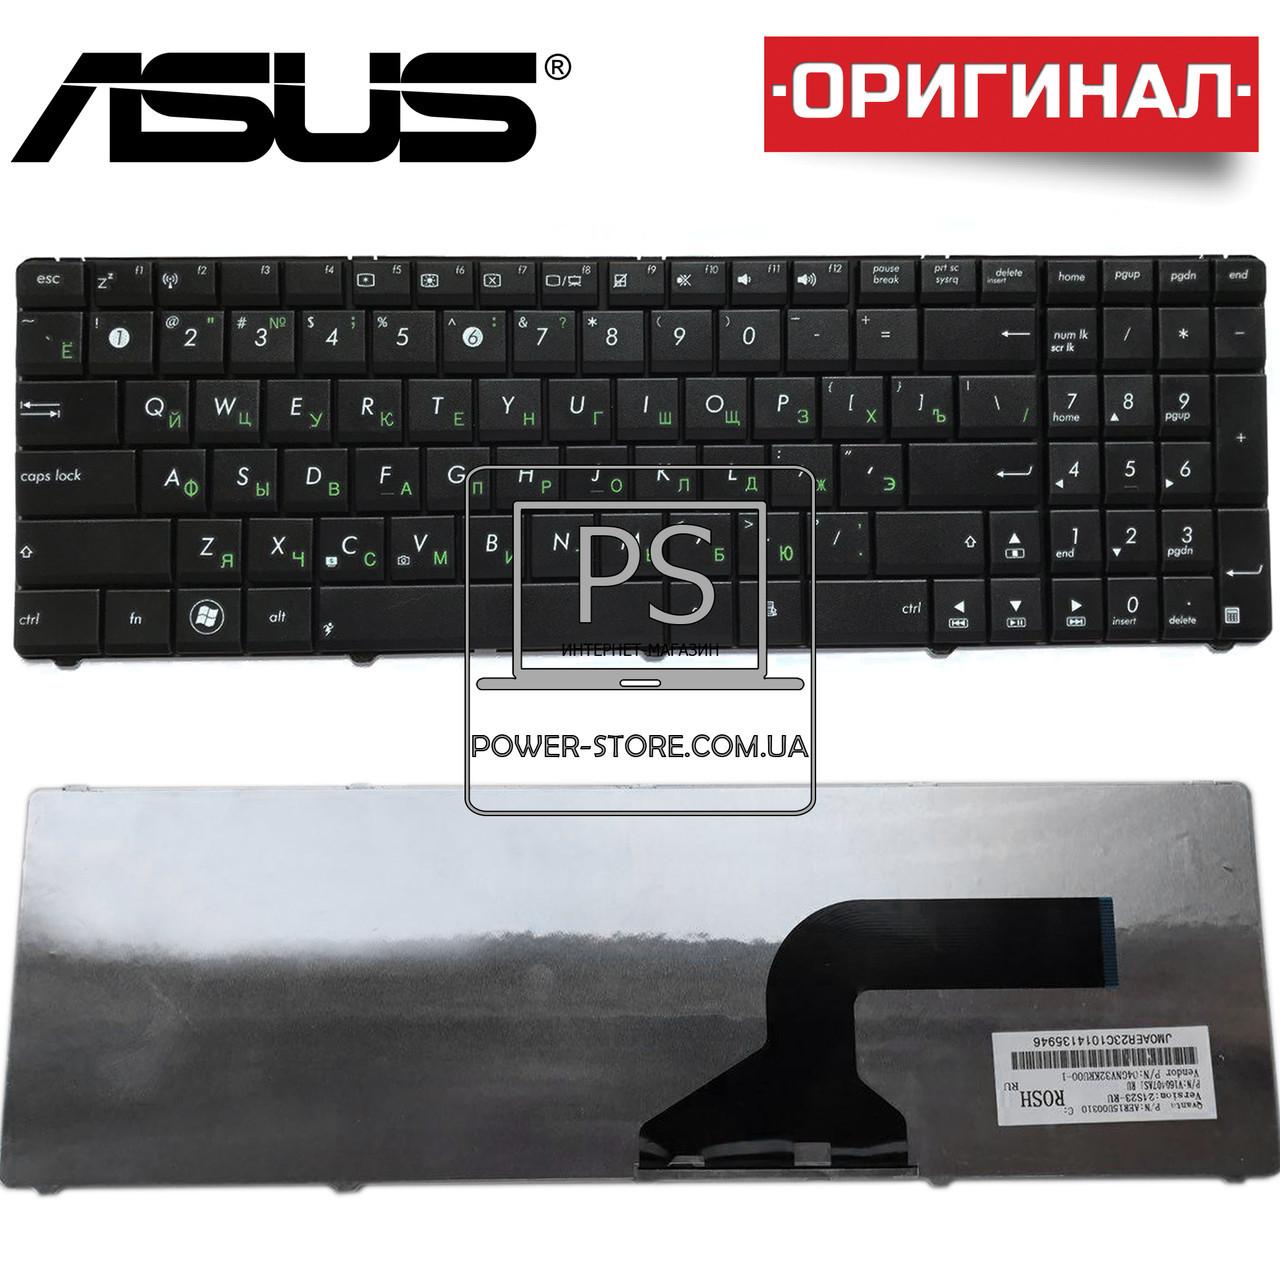 Клавиатура для ноутбука ASUS  0KN0-J71RU03, 0KNB0-6020JP00, 0KNB0-6023JP00, 0KNB0-6027LA00,